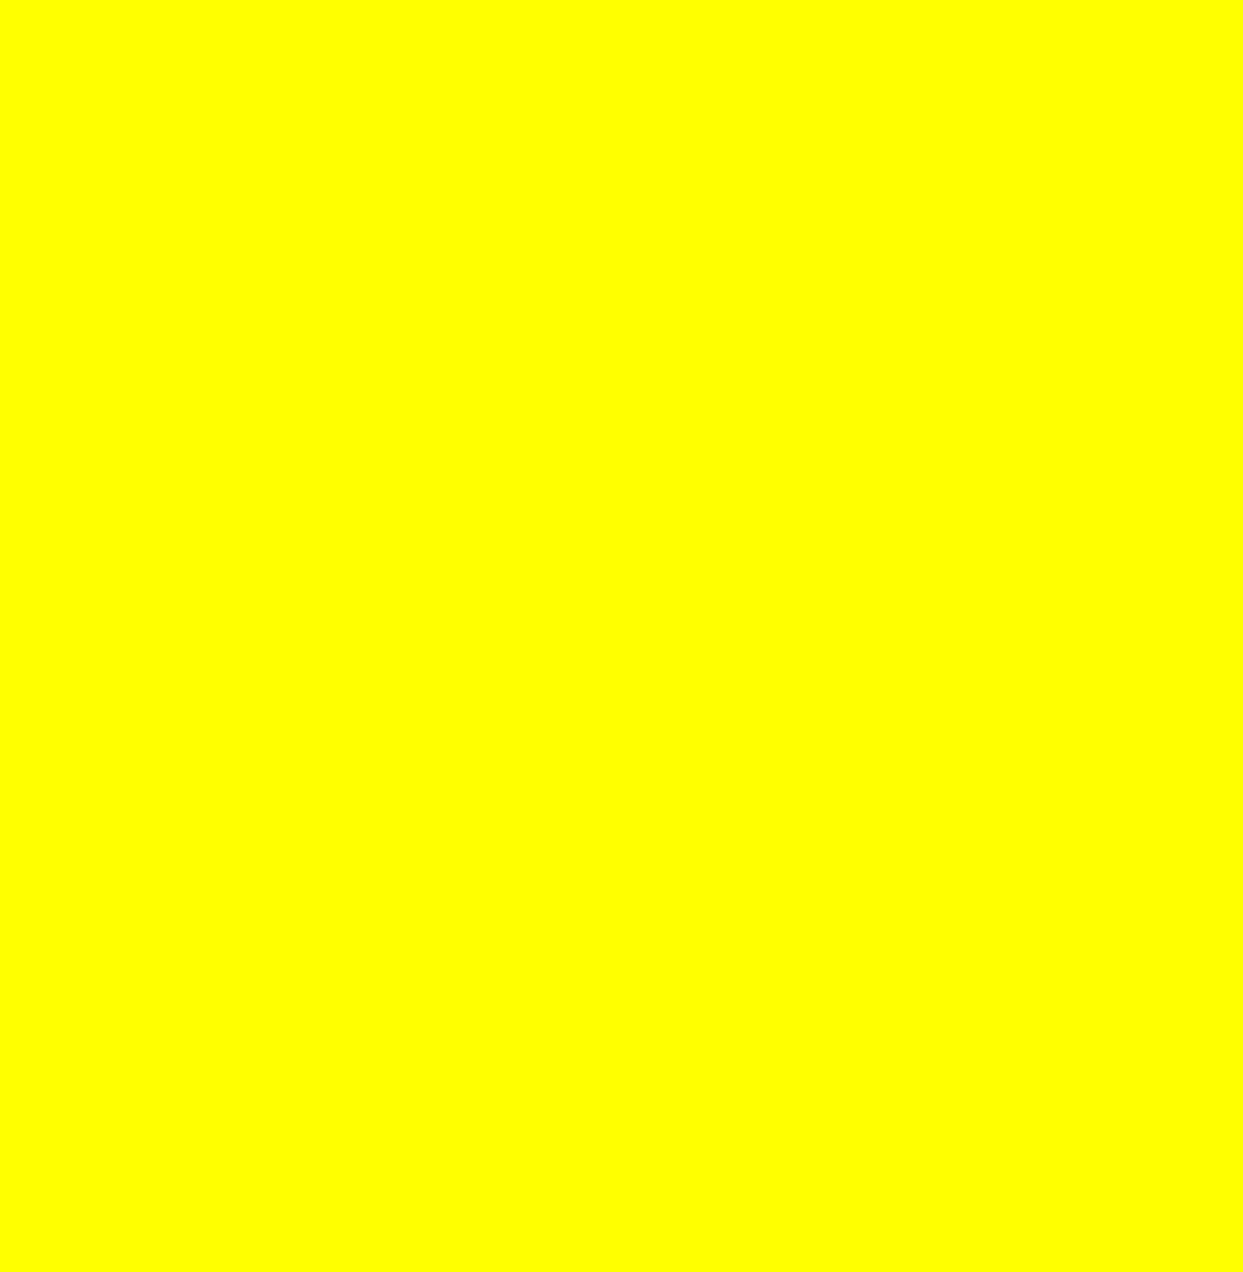 geelvlak_04.png